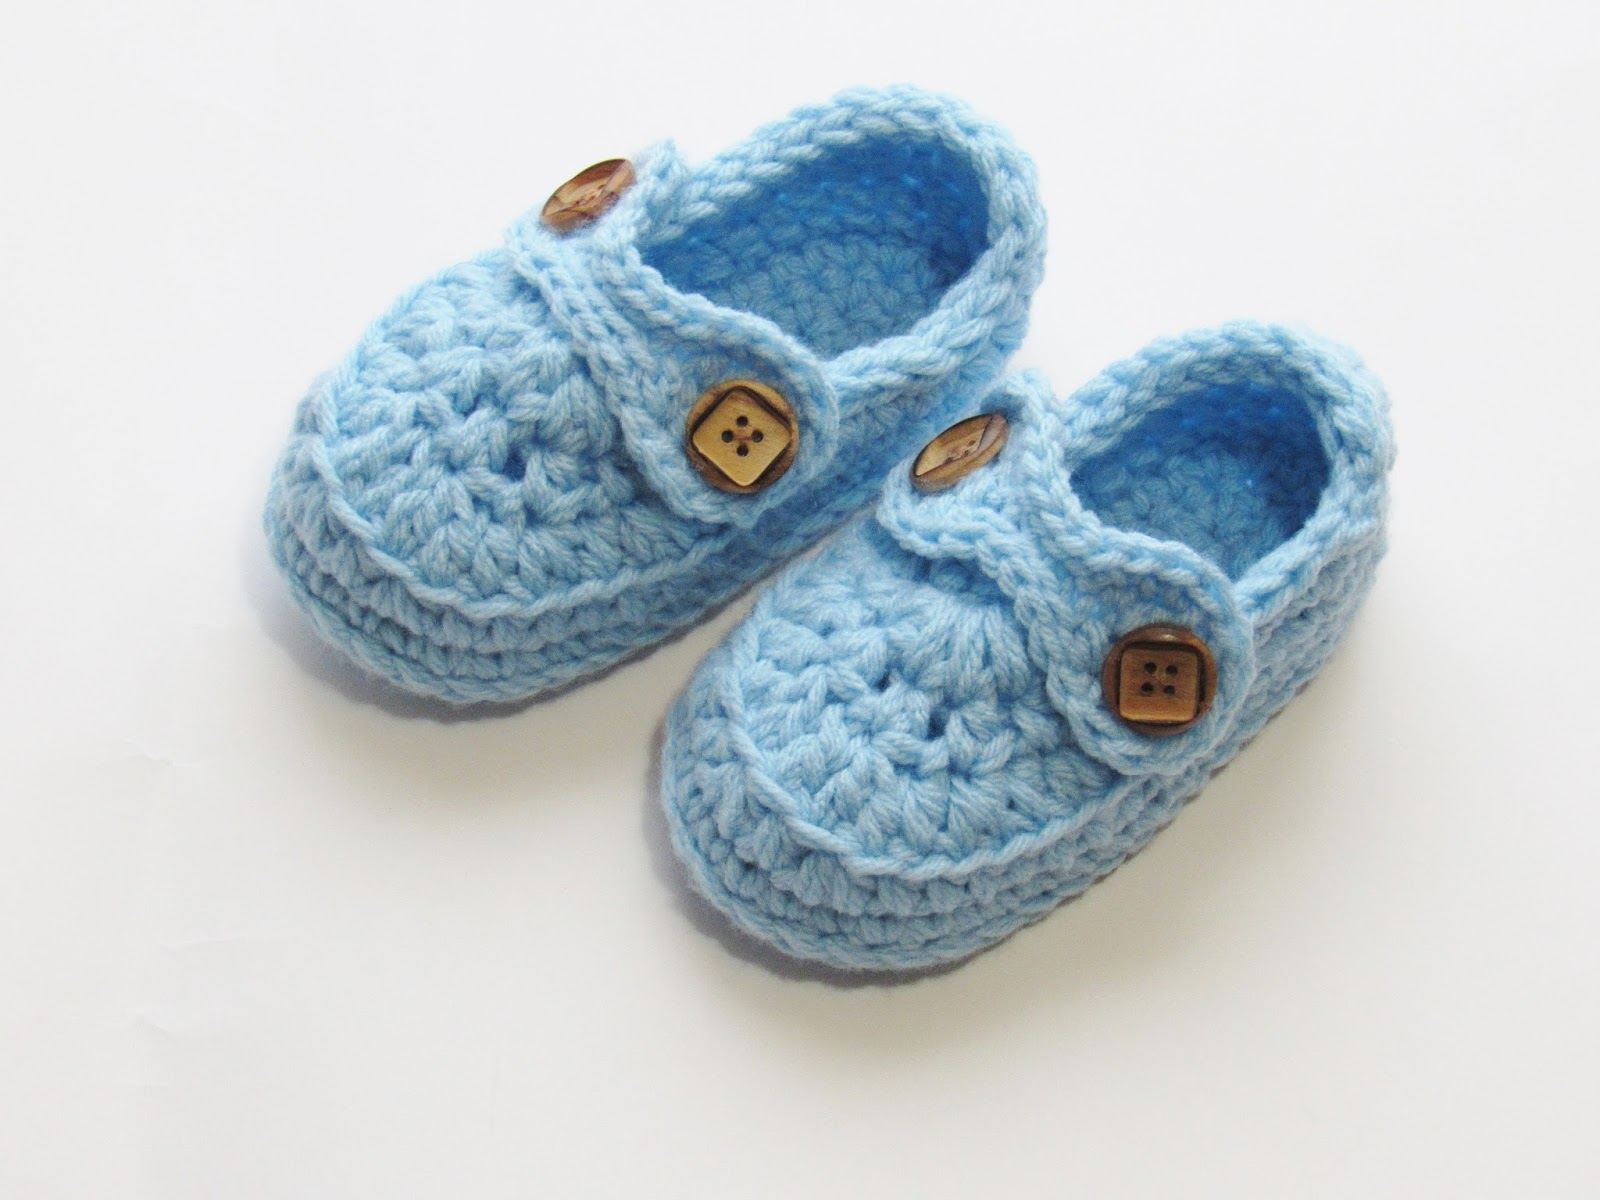 Crochet Dreamz: Toddler Striders, Toddler Slippers Crochet ...